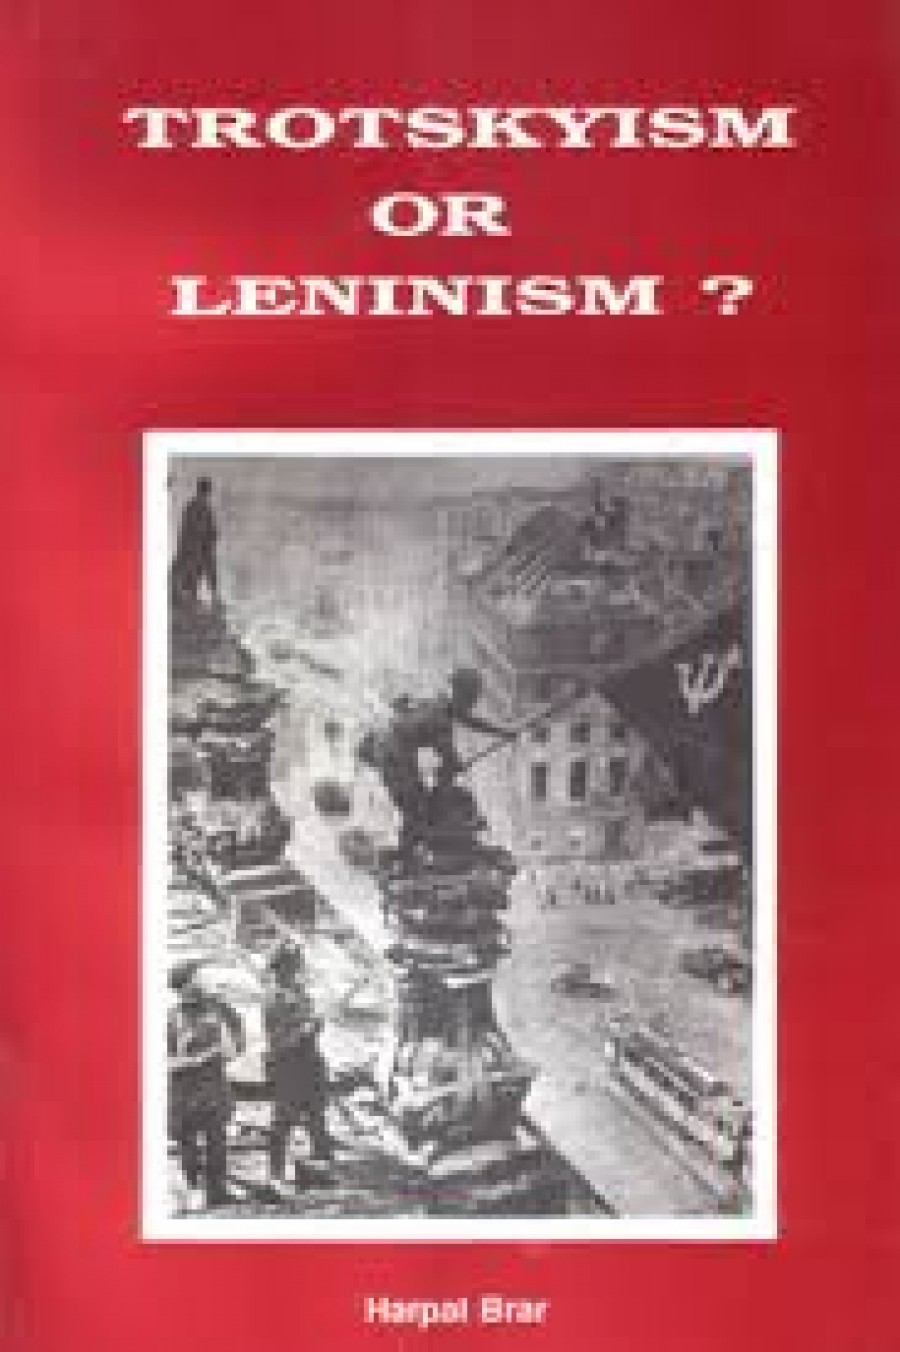 Kniha Harpal Brara TROTSKYISM OR LENINISM vyšla v Lonýně roku 1993, v češtině roku 2013 v nakladateství Orego